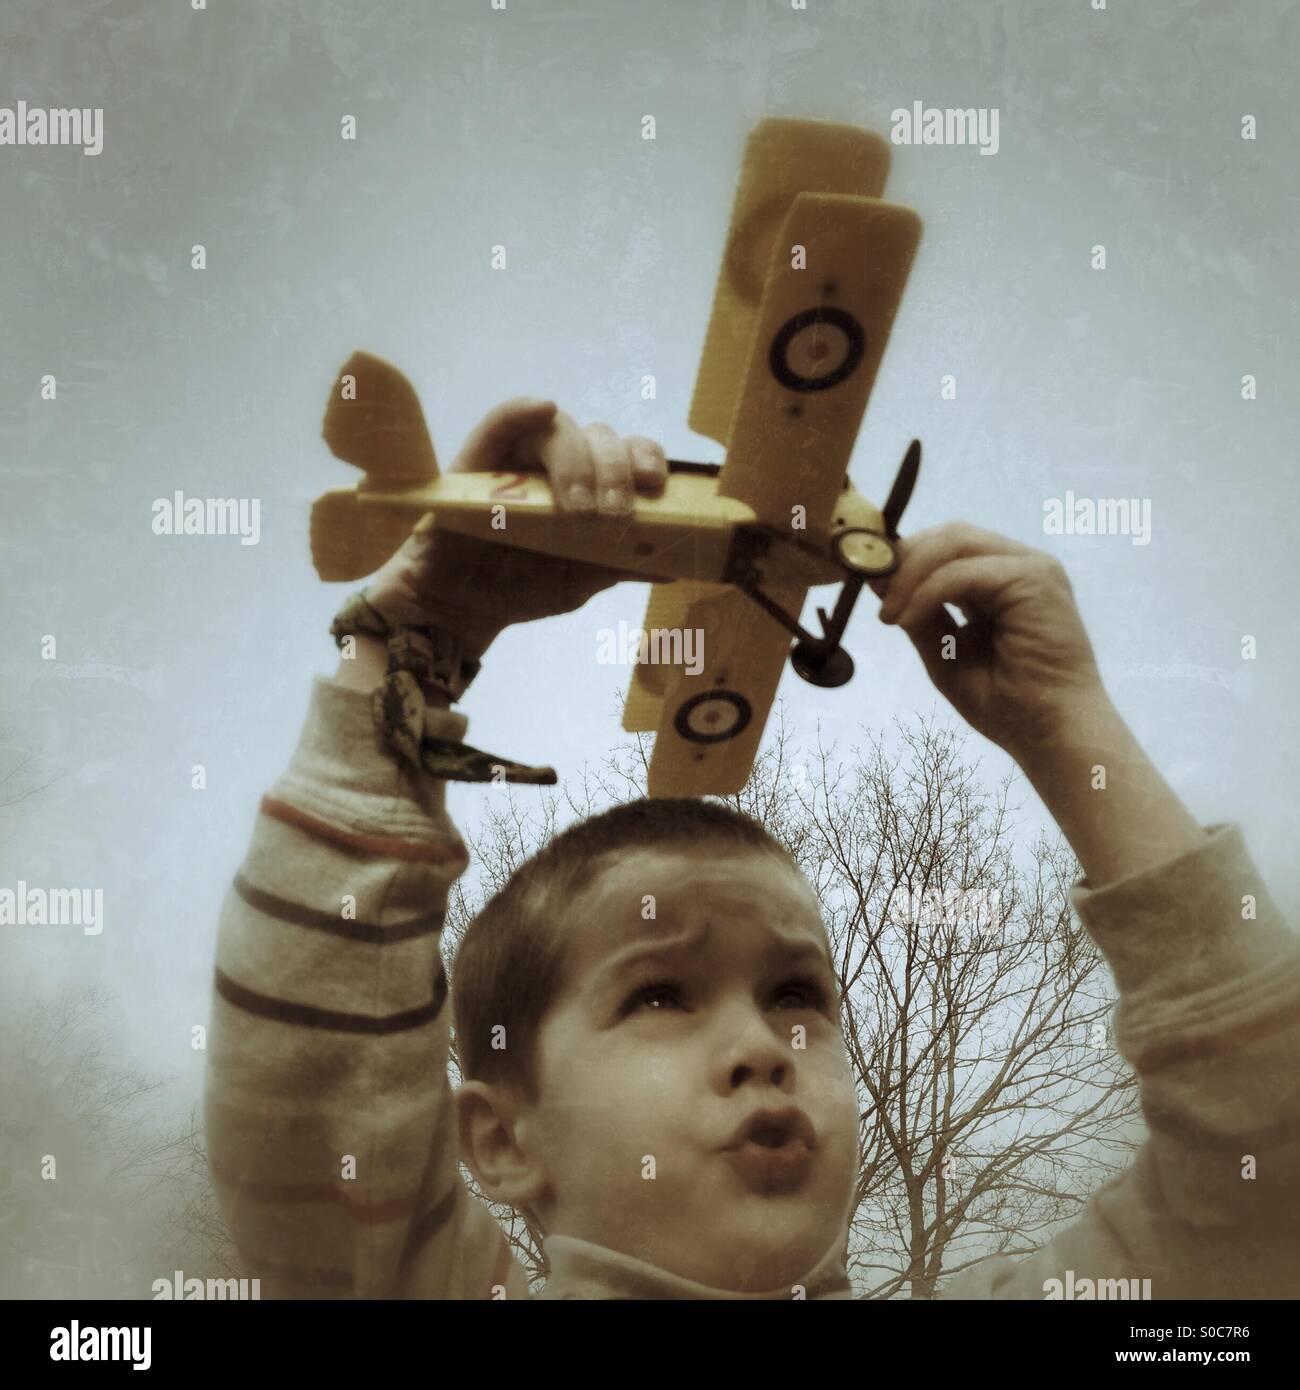 Jeune garçon jouant avec biplan modèle Photo Stock